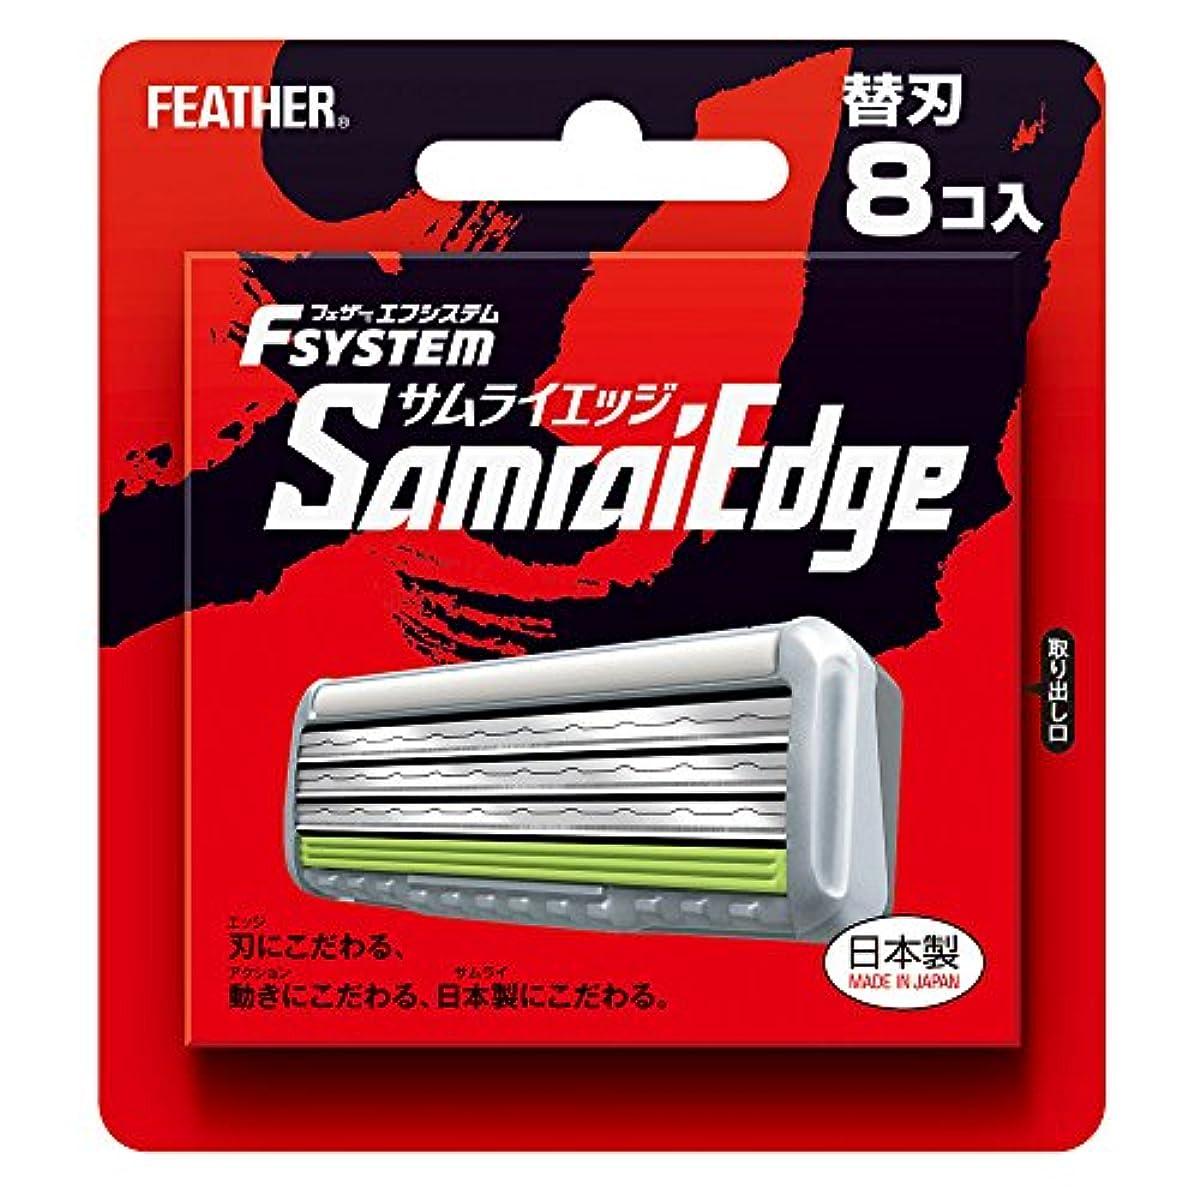 ファーム幸福徹底フェザー エフシステム 替刃 サムライエッジ 8コ入 (日本製)